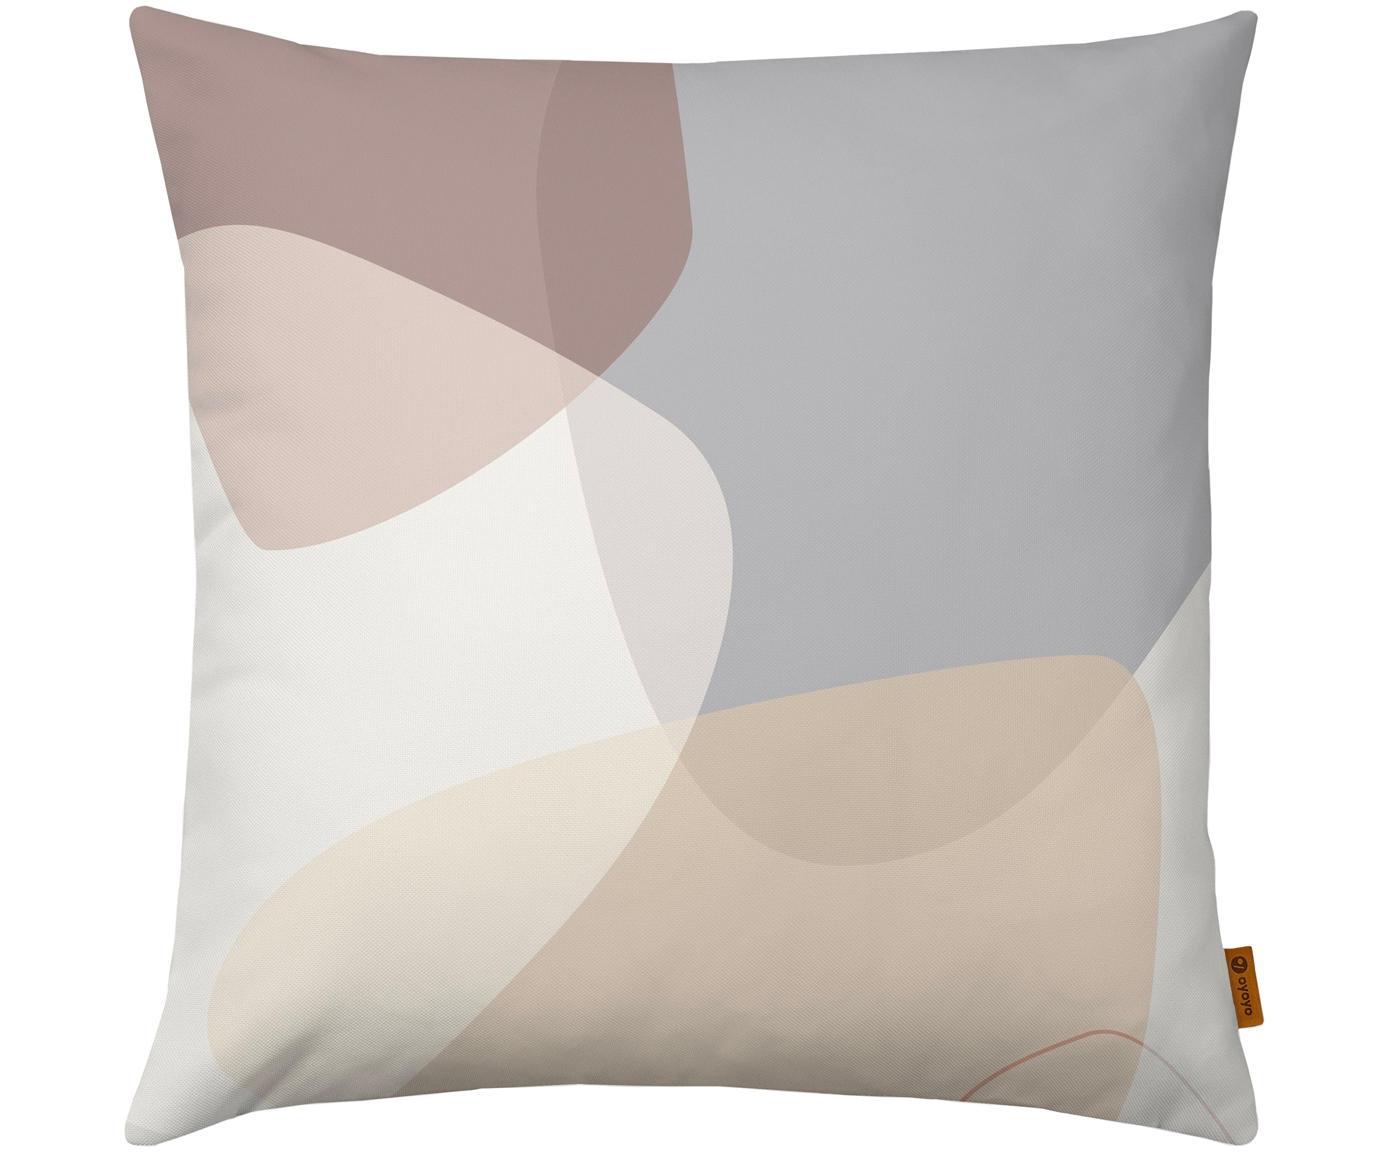 Poszewka na poduszkę Graphic, Poliester, Beżowy, szary, kremowy, brudny różowy, S 40 x D 40 cm